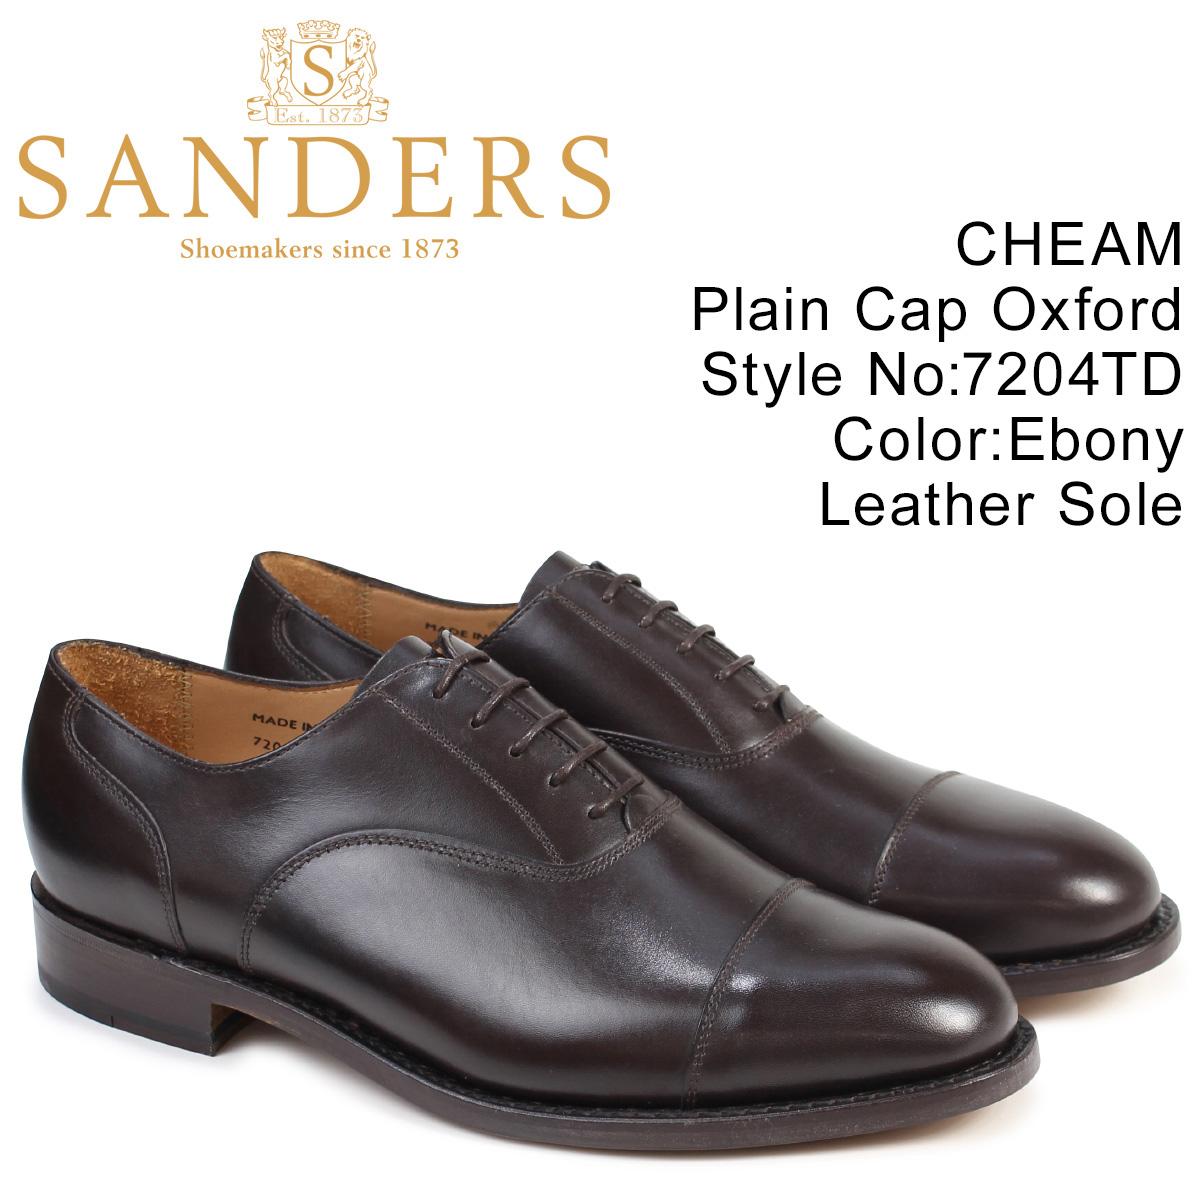 サンダース SANDERS ミリタリー オックスフォード シューズ ビジネス CHEAM 7204TD メンズ ダークブラウン